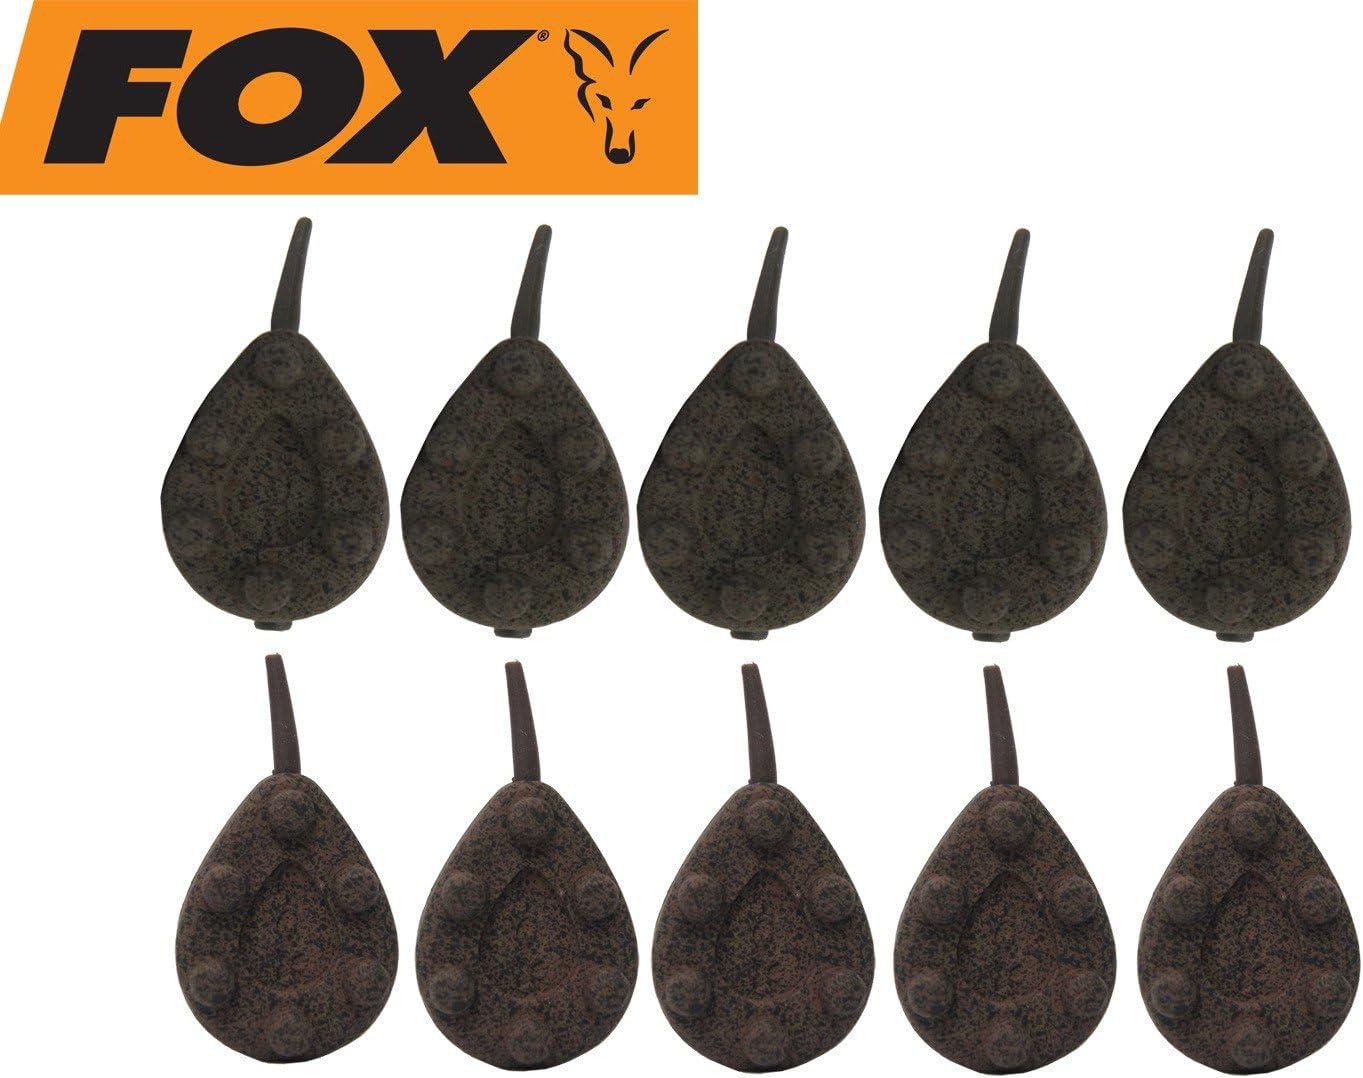 Fox Bleie Kling on Inline Leads Karpfenbleie Blei Inlinebleie Karpfenmontage Karpfenangeln Karpfensee